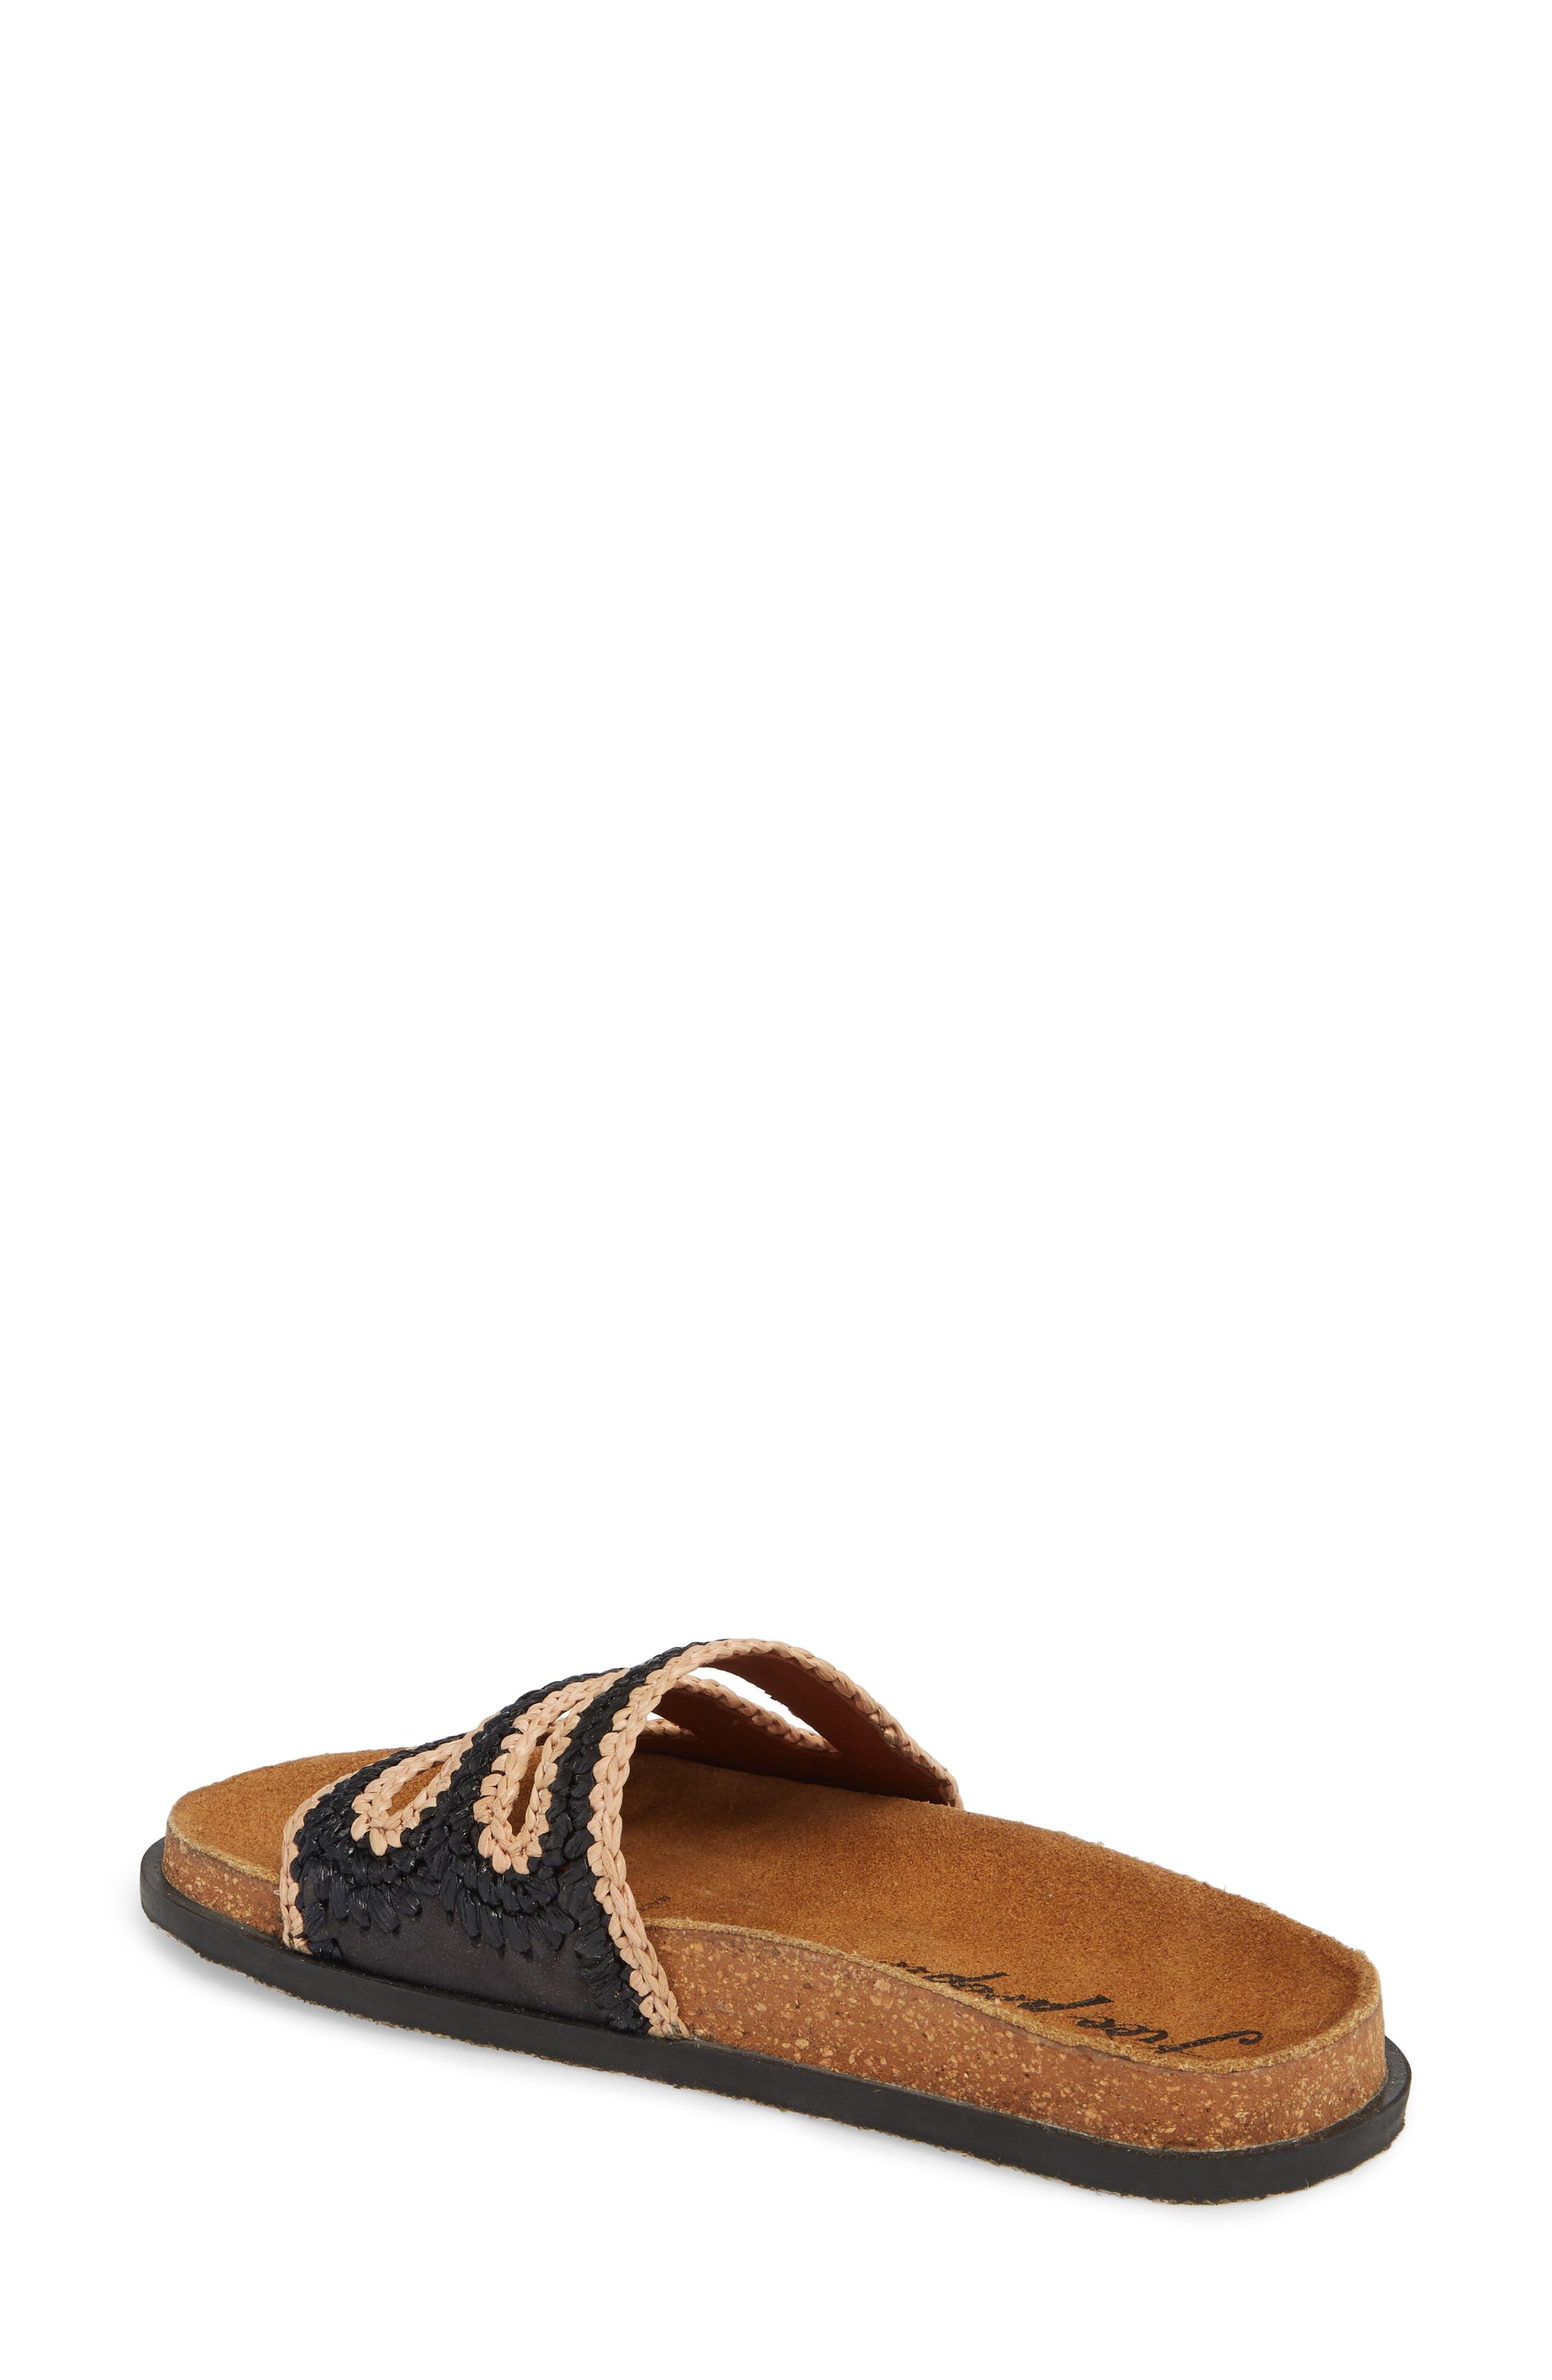 Crete Slide Sandal,                             Alternate thumbnail 3, color,